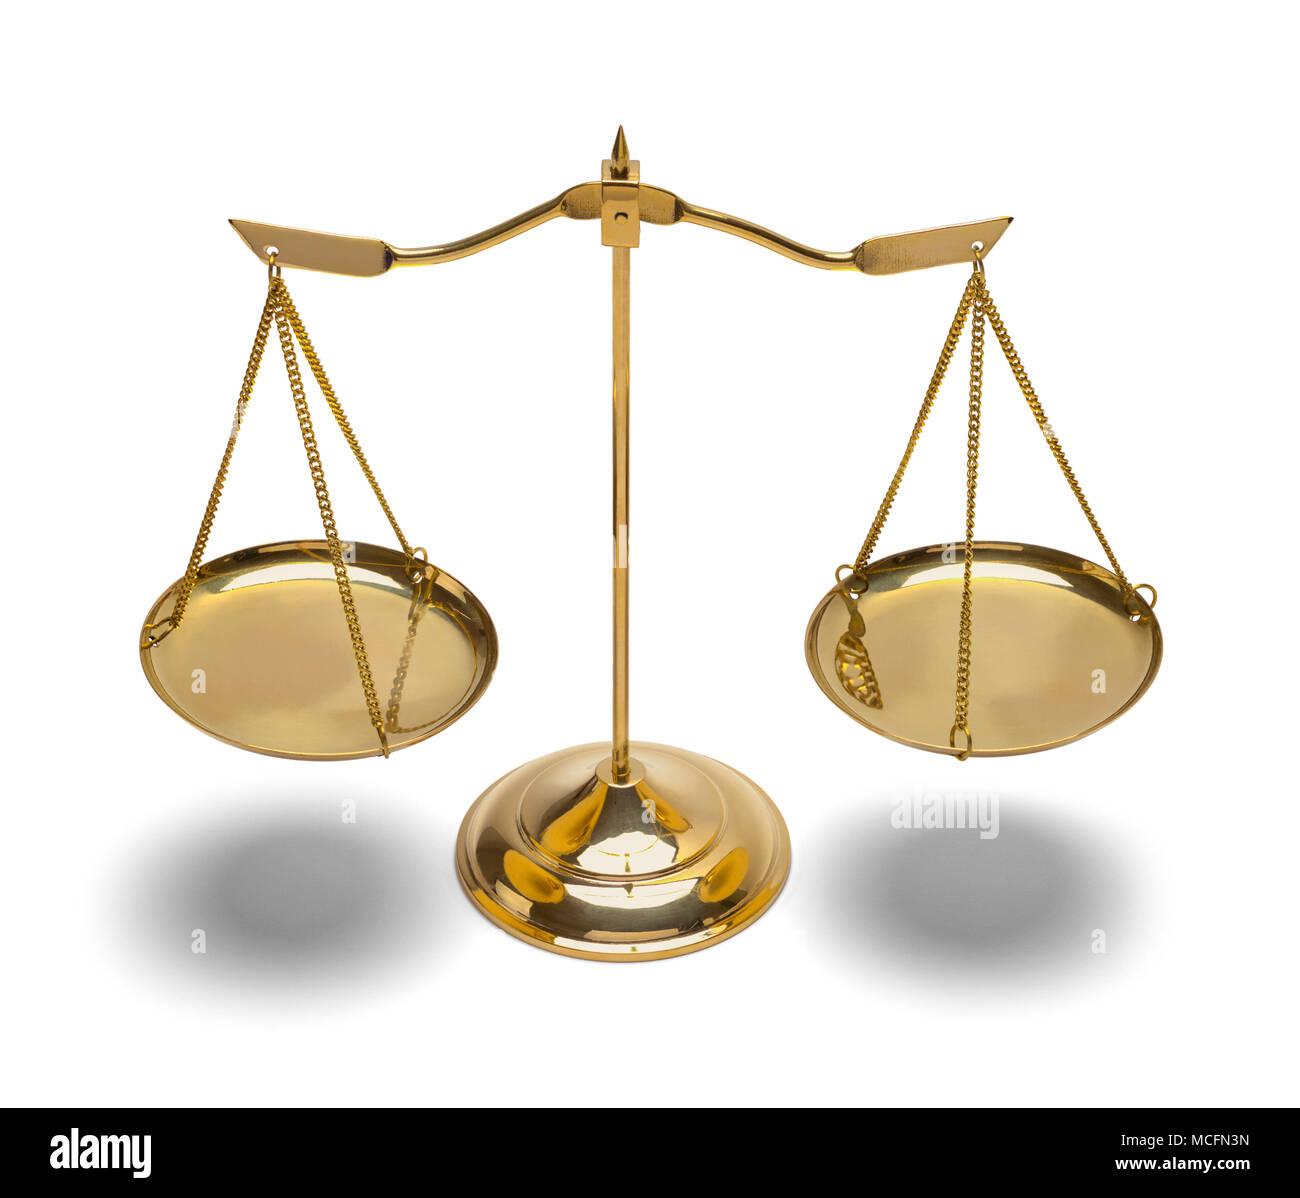 Ley de latón escalas aislado sobre fondo blanco. Foto de stock